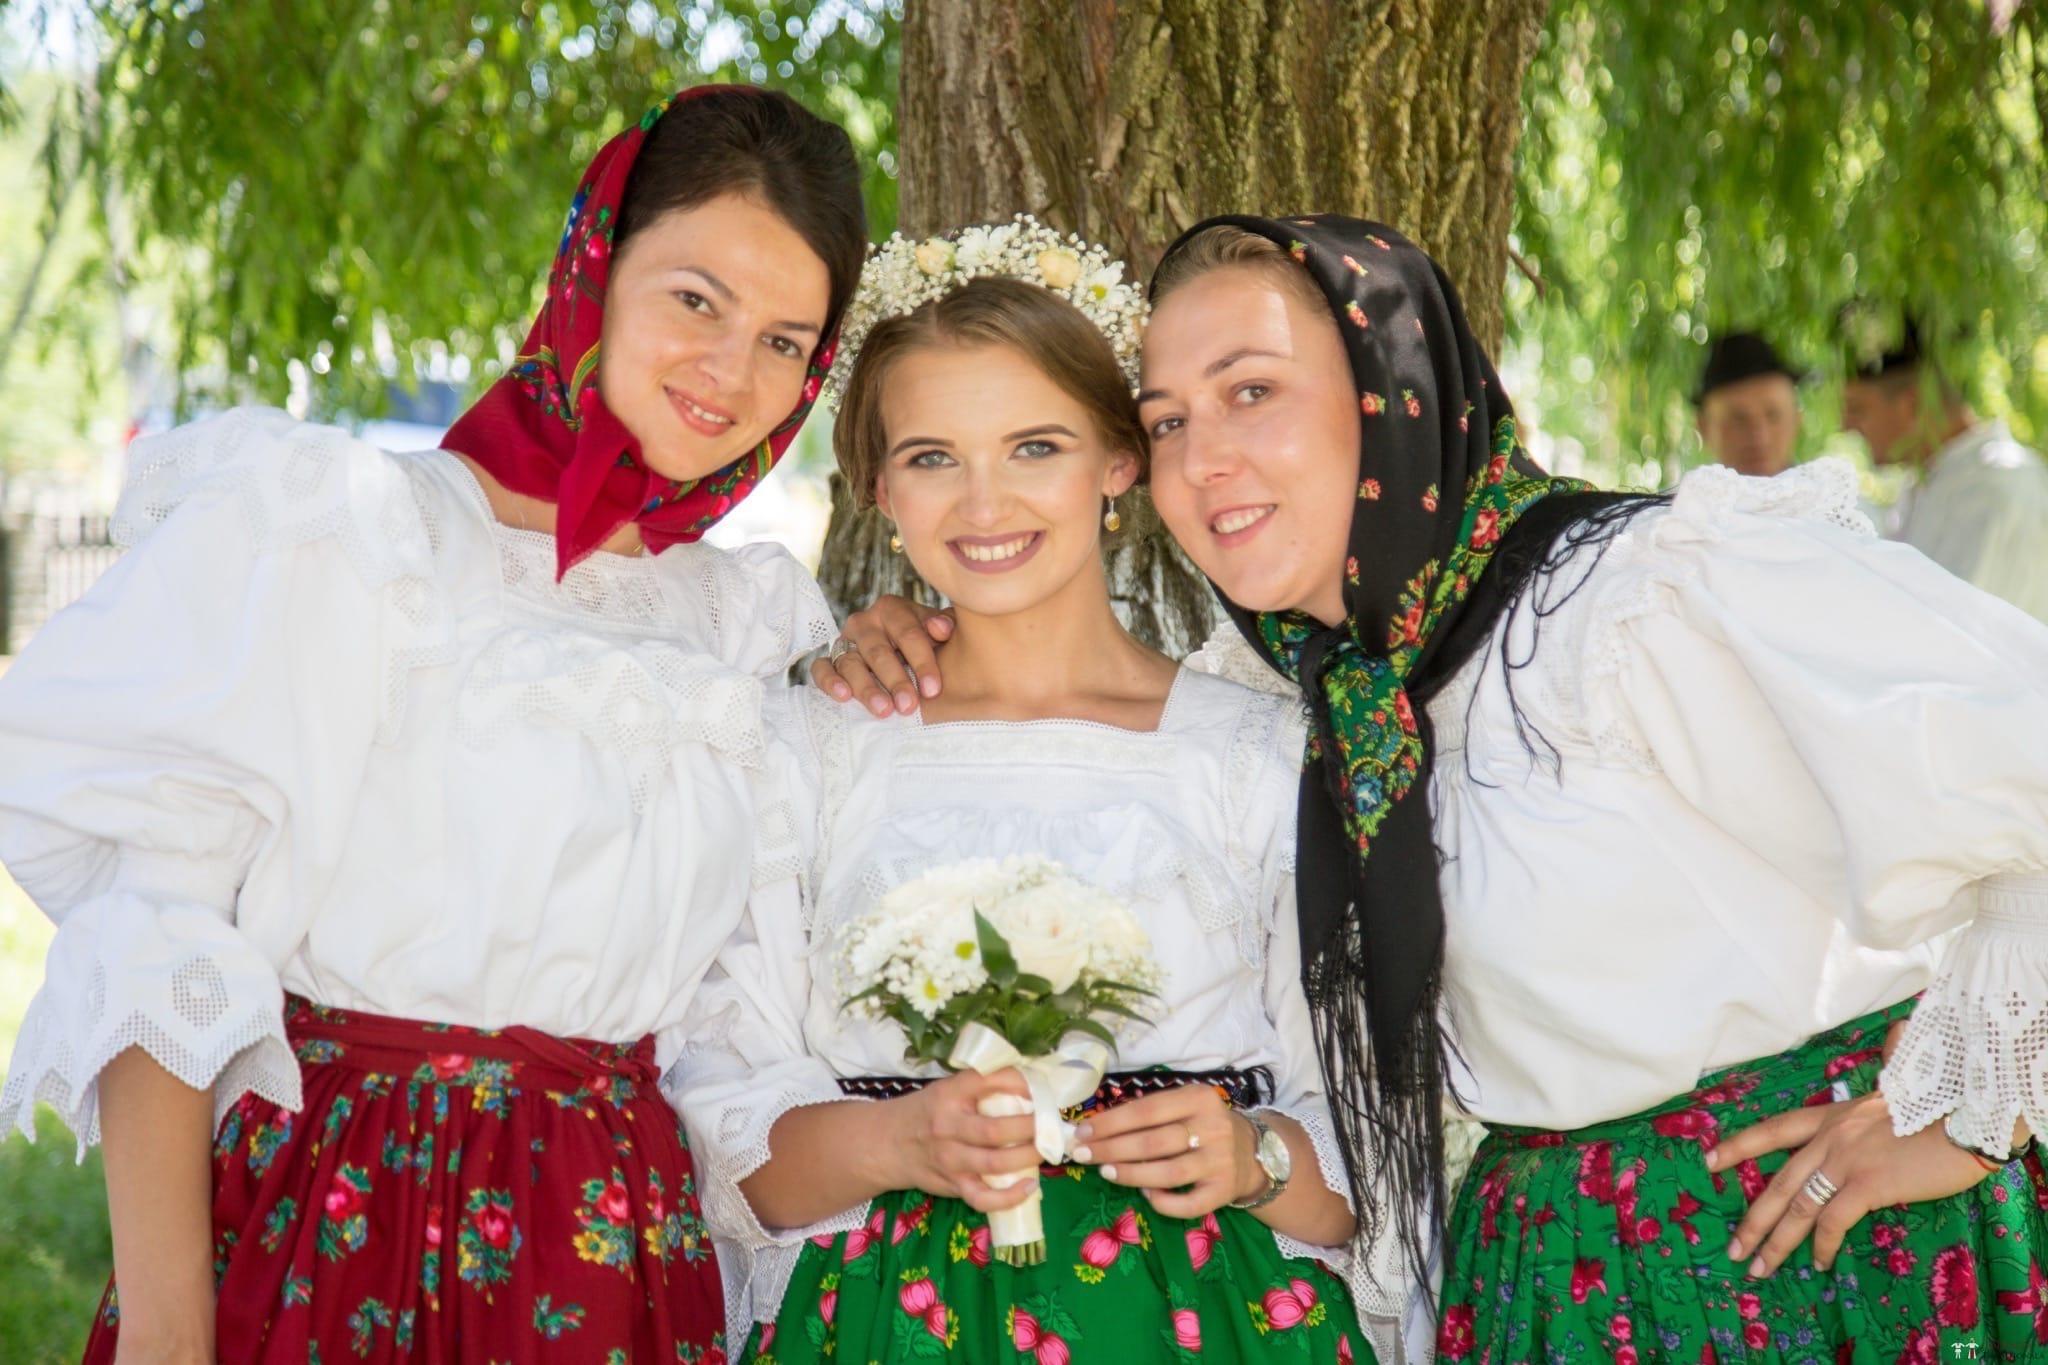 Povești Nunți Tradiționale - Ancuța și Nicu, cununie tradițională în Giulești, Maramureș 31